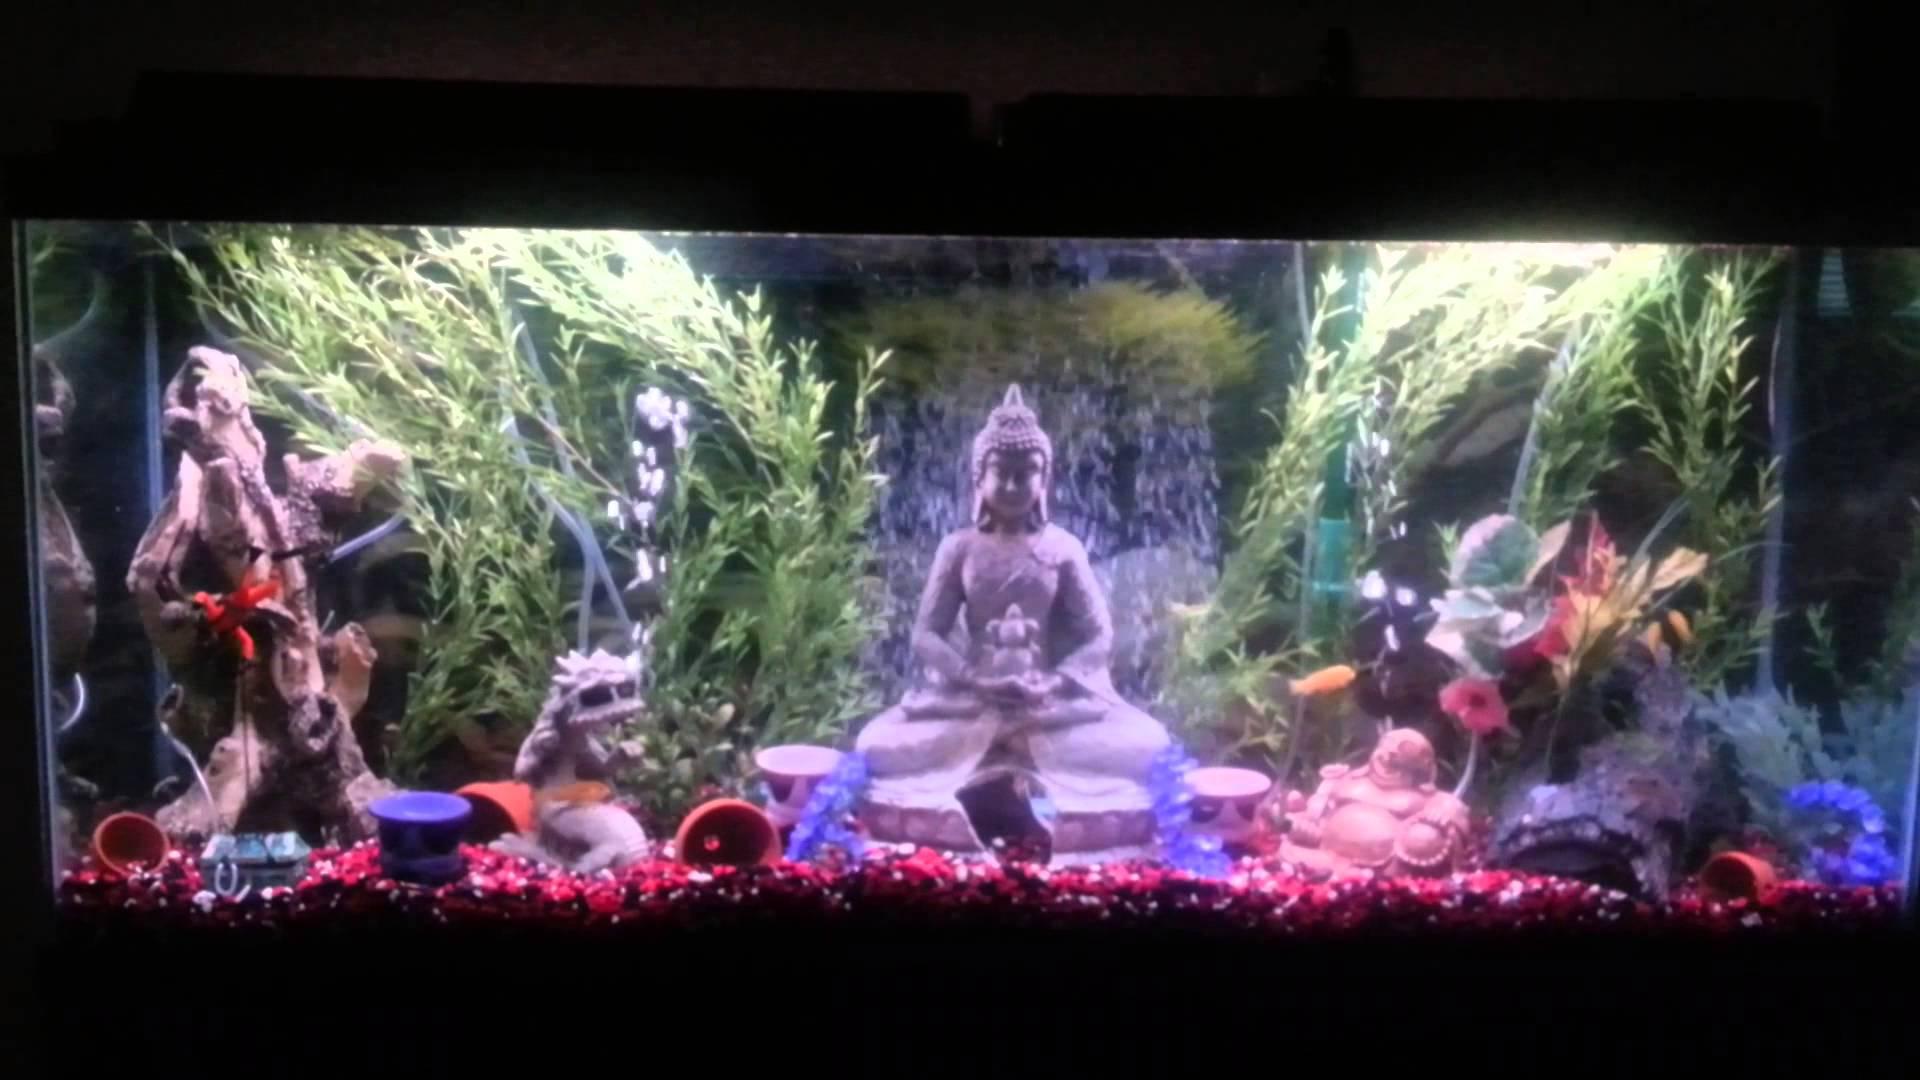 Asian Themed Fish Tank Decorations  from cdn.wallpapersafari.com